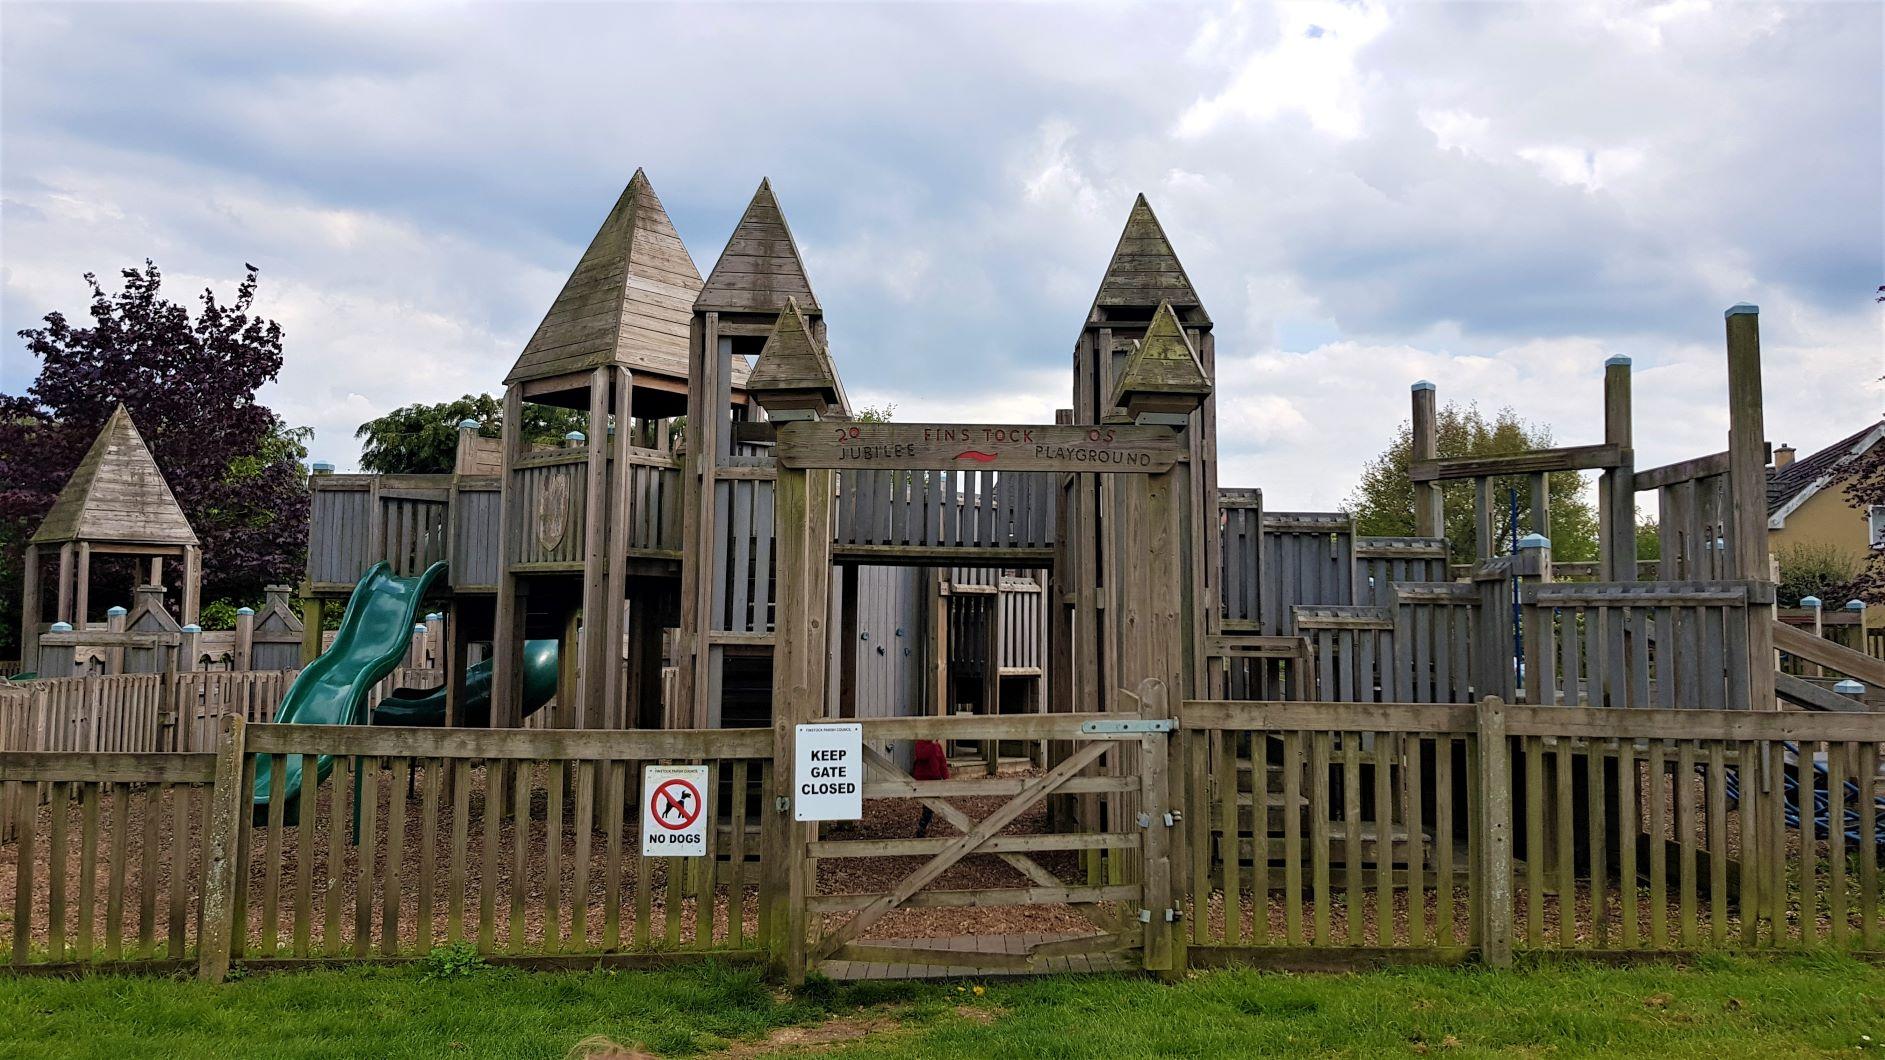 Finstock Play Park